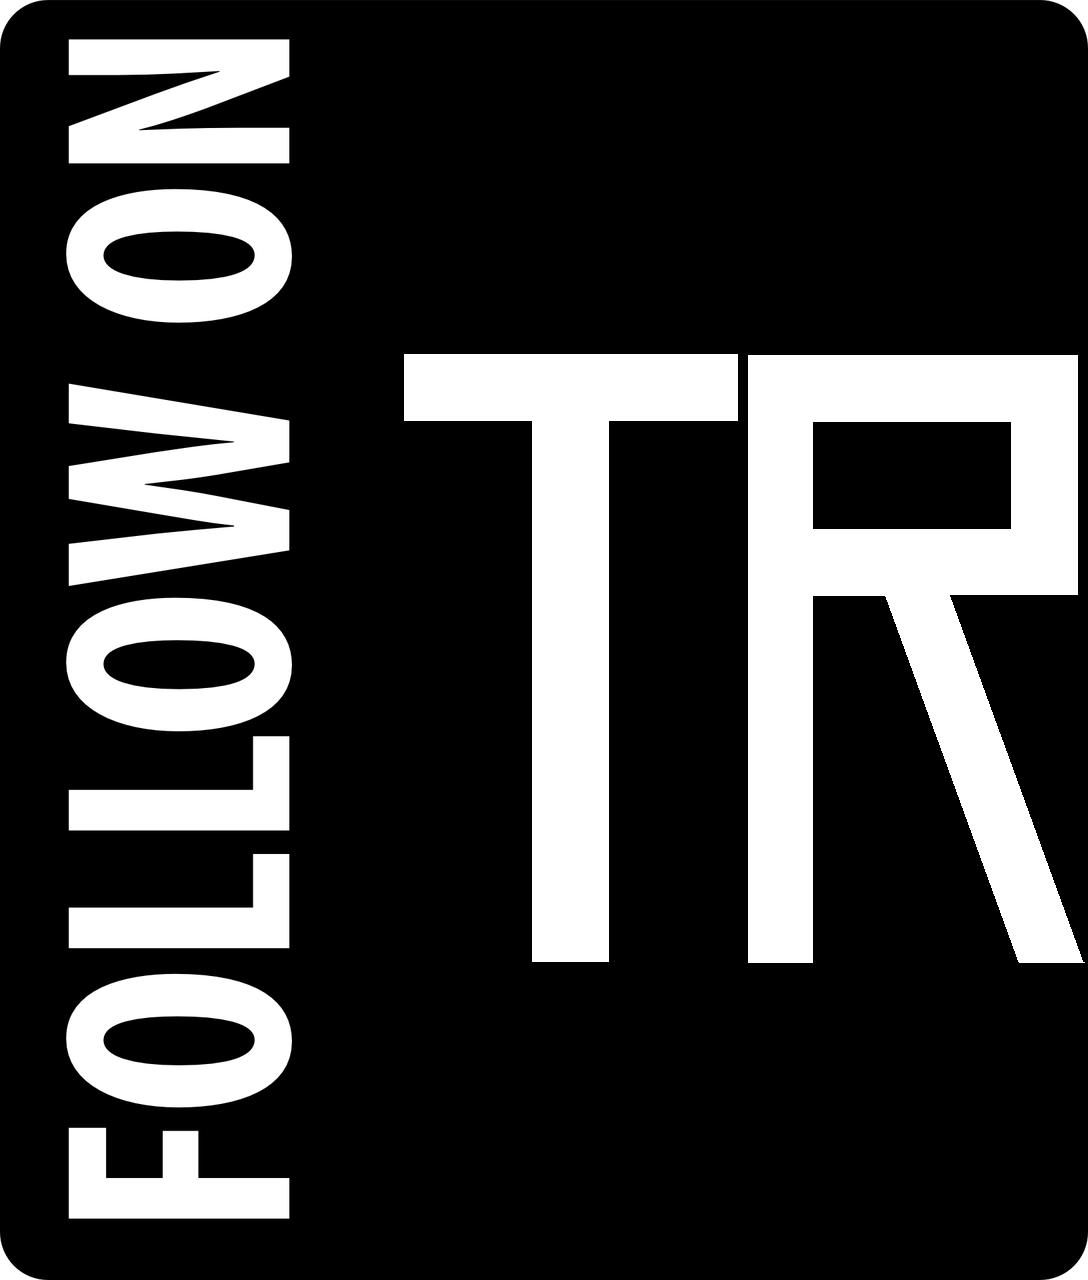 Icone Trumbl noir et blanc